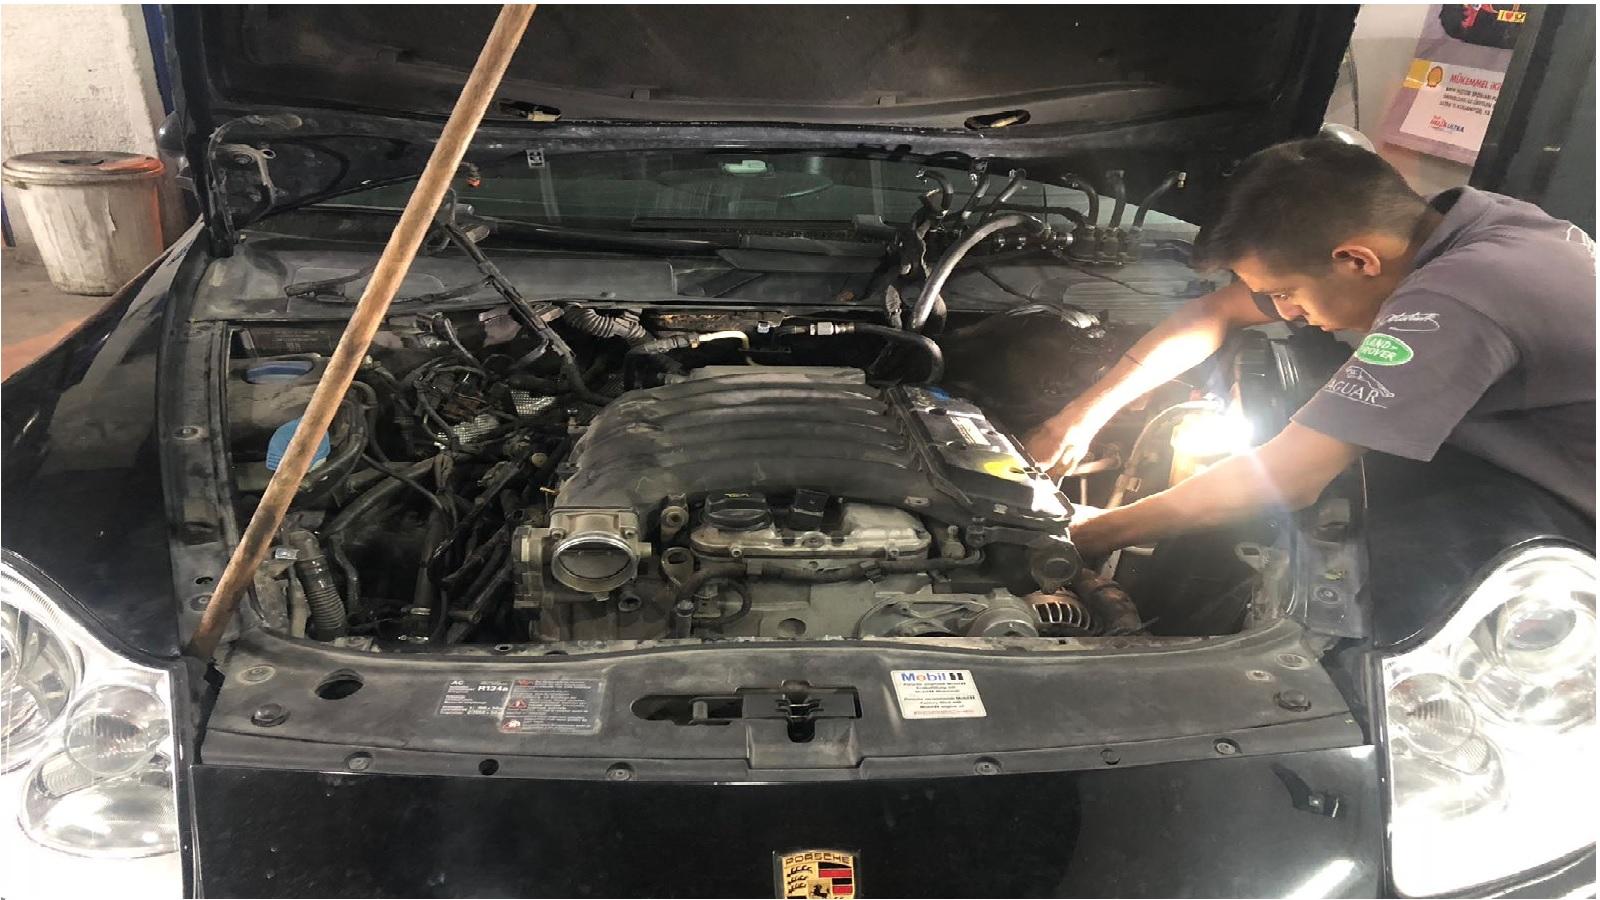 İzmir Porsche Cayenne Fren ve Disk, Fren Sistemleri, Hidrolik Değişimi, Disk ve Balata Ayar ve Değişimi